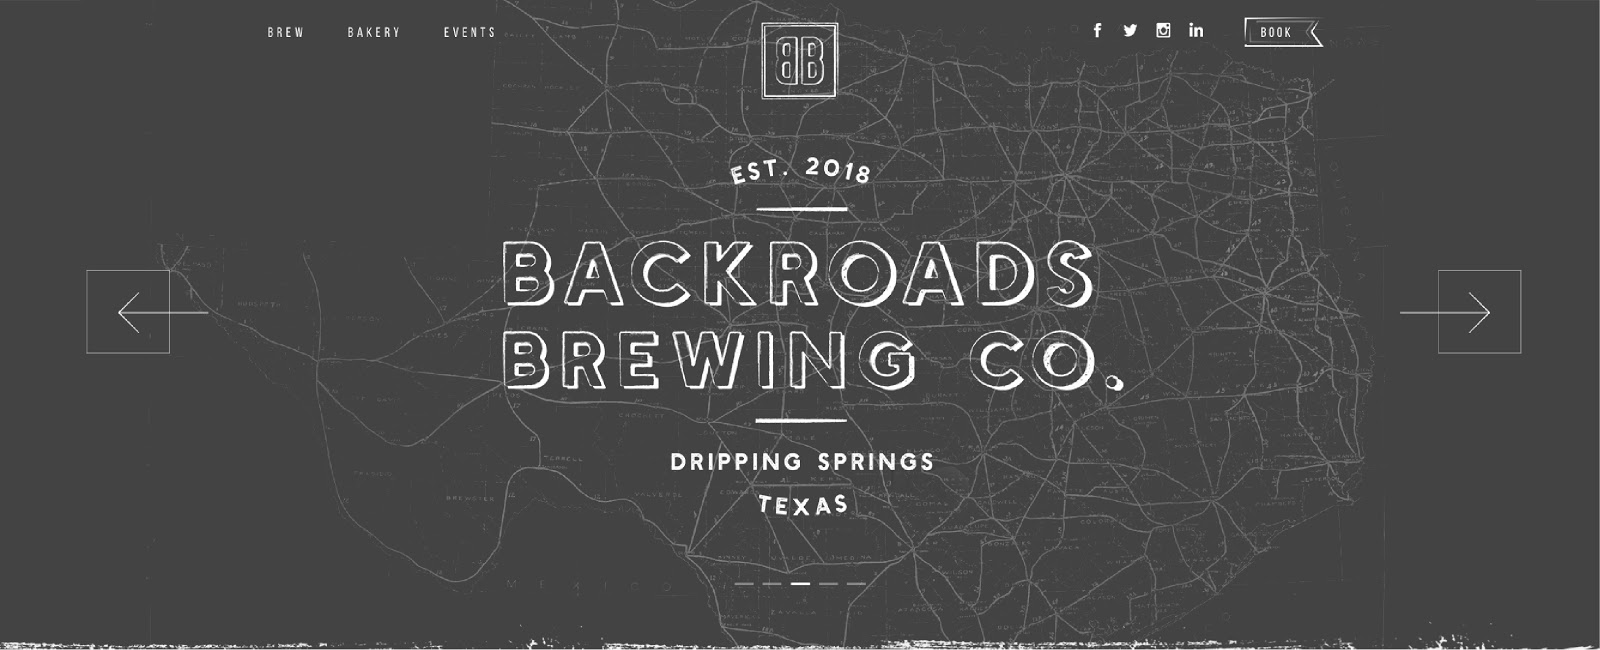 Backgroads Brewing Co. website